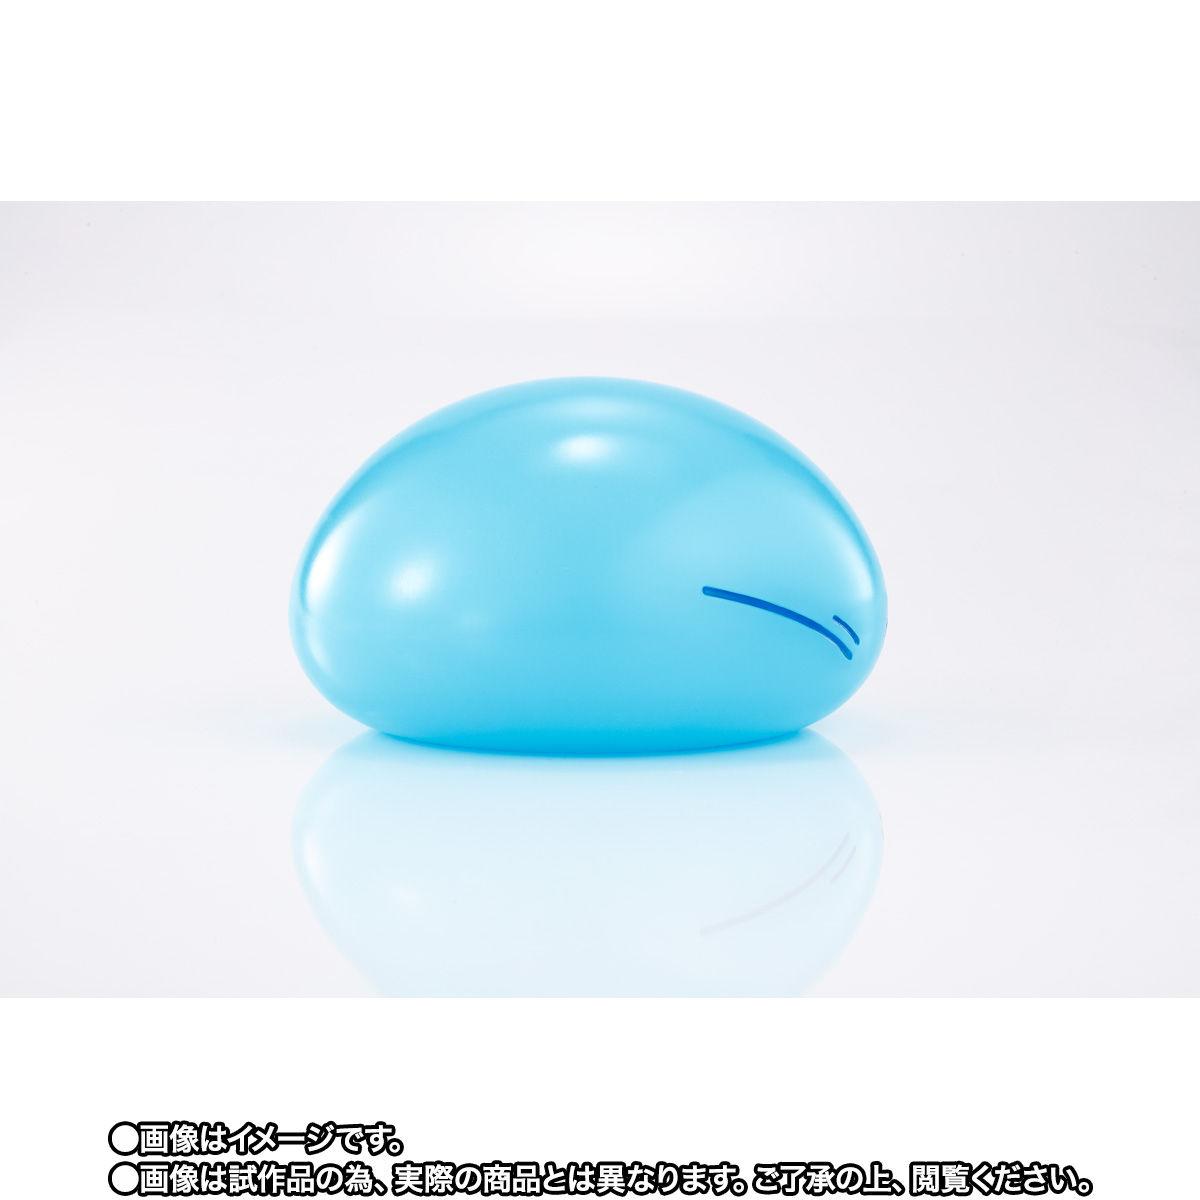 【限定販売】PROPLICA『リムル=テンペスト』フィギュア-002